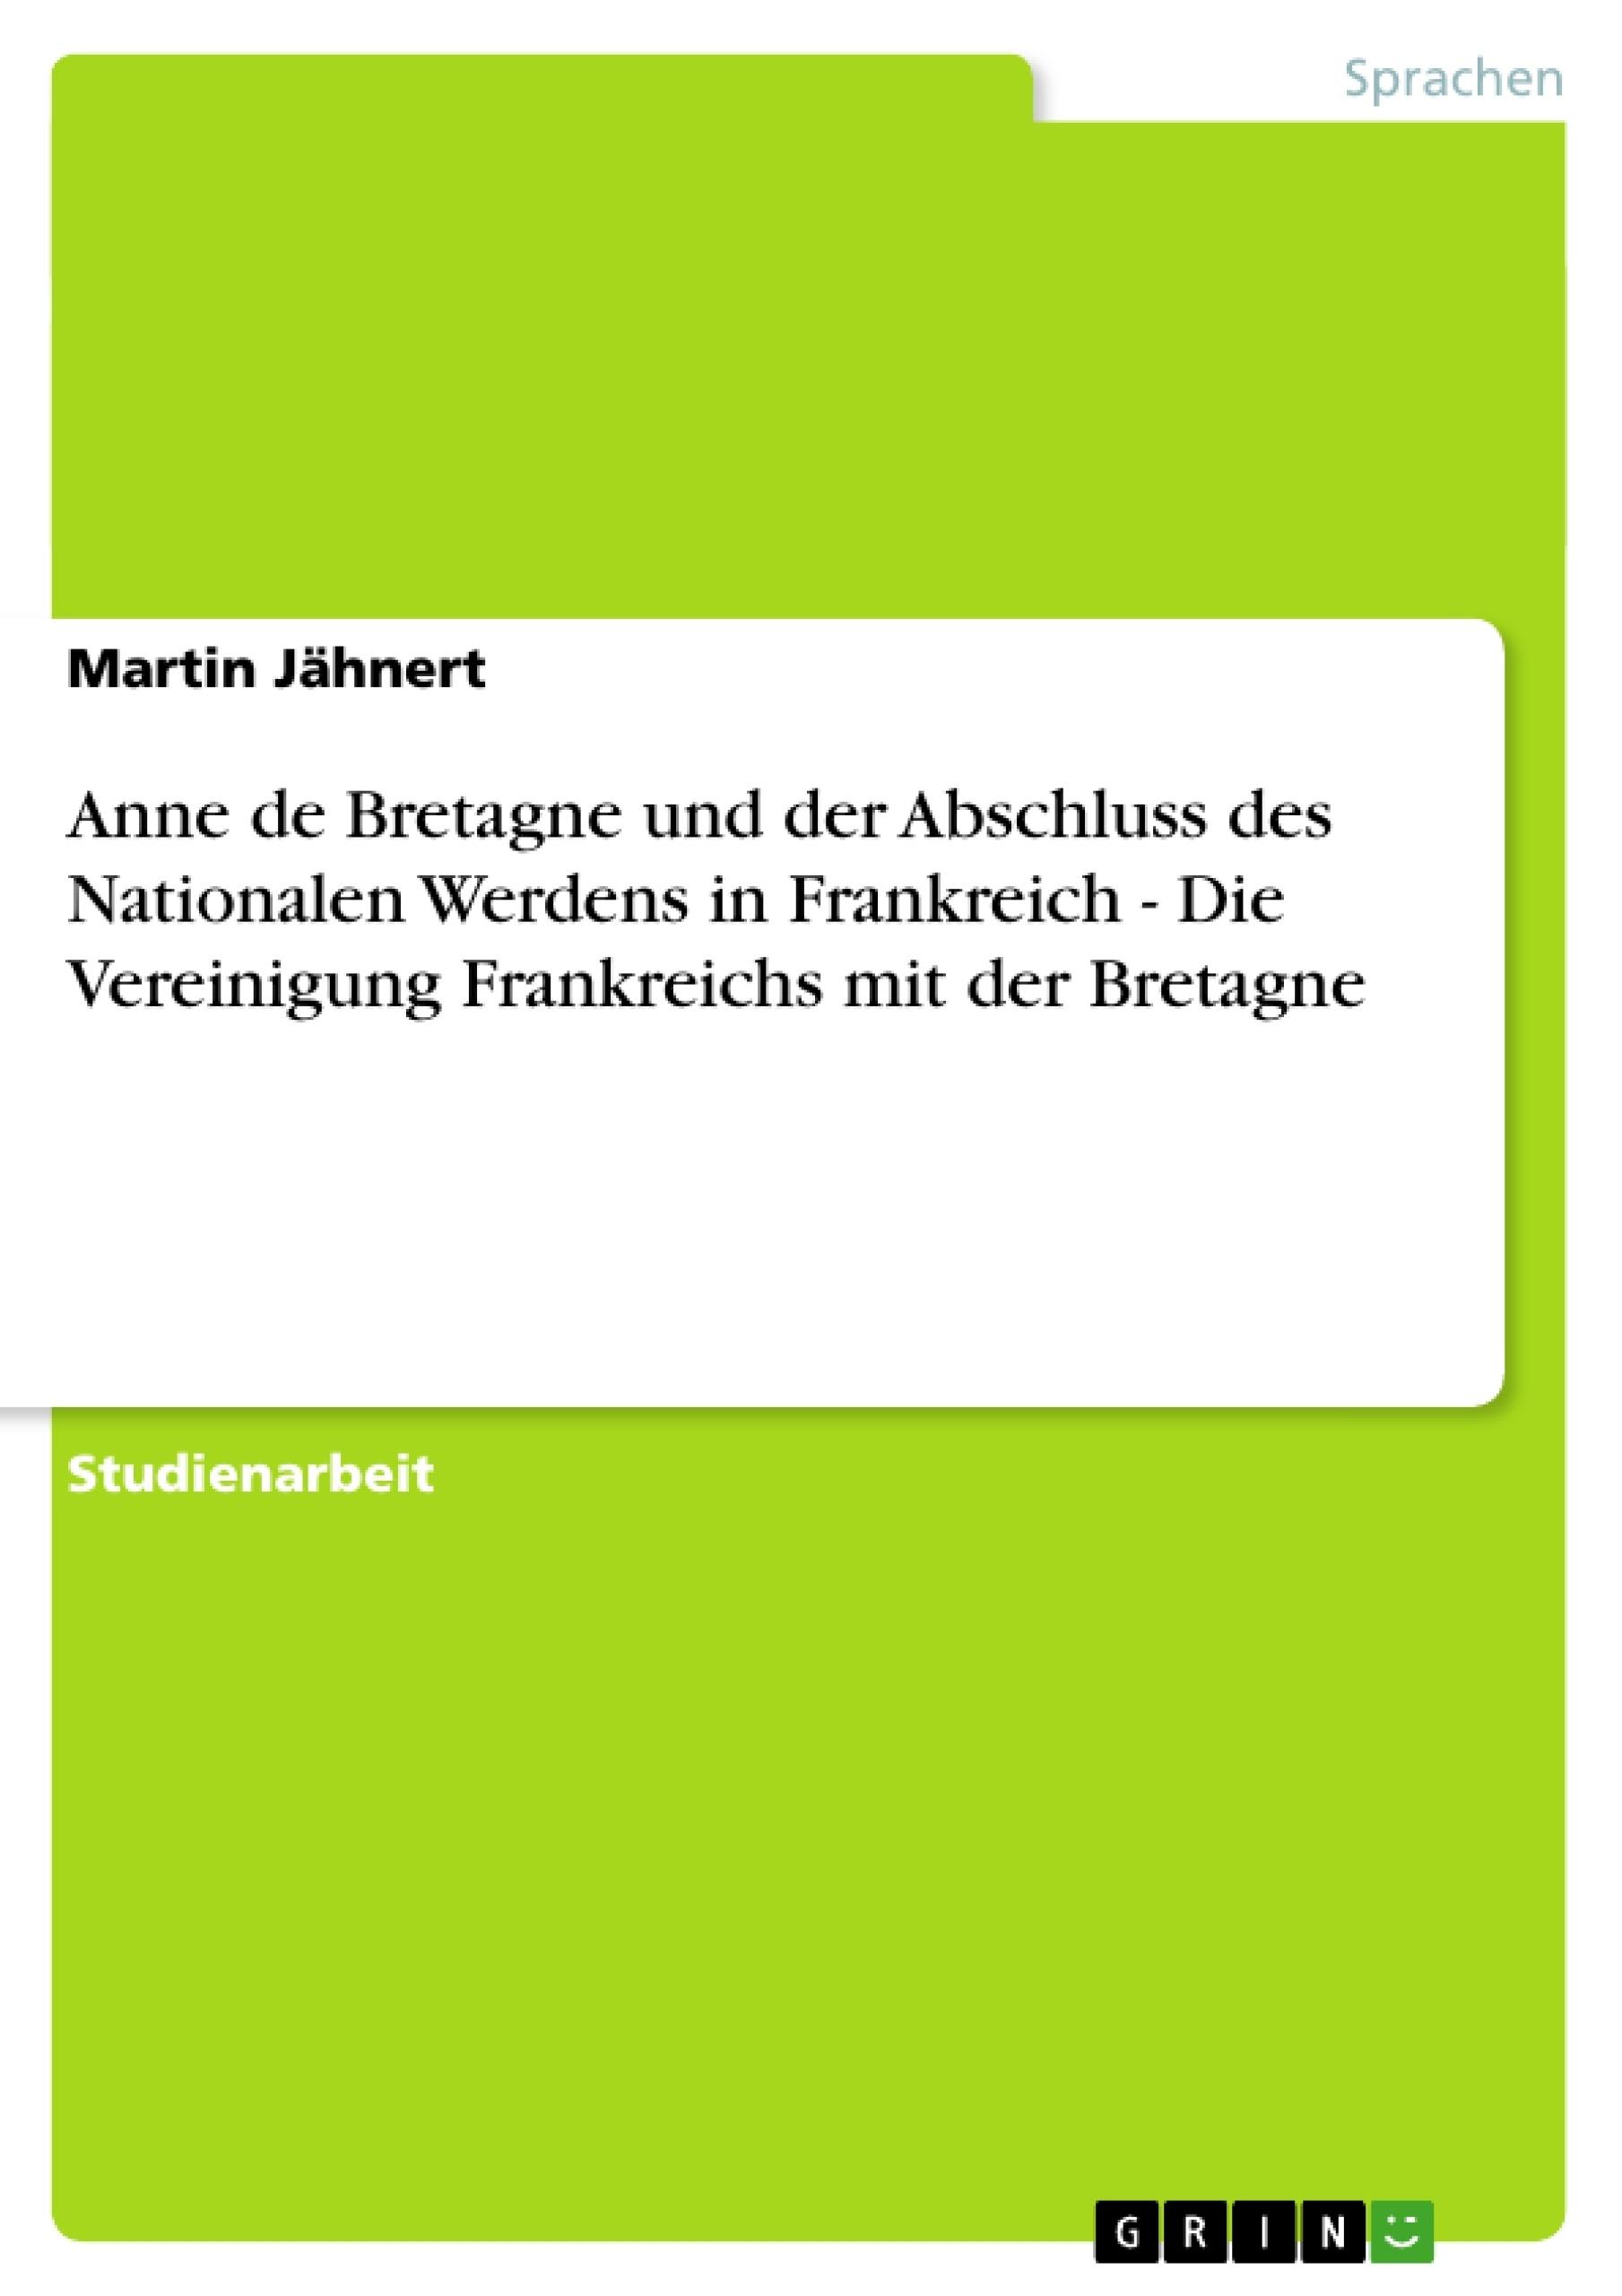 Titel: Anne de Bretagne und der Abschluss des Nationalen Werdens in Frankreich  -  Die Vereinigung Frankreichs mit der Bretagne